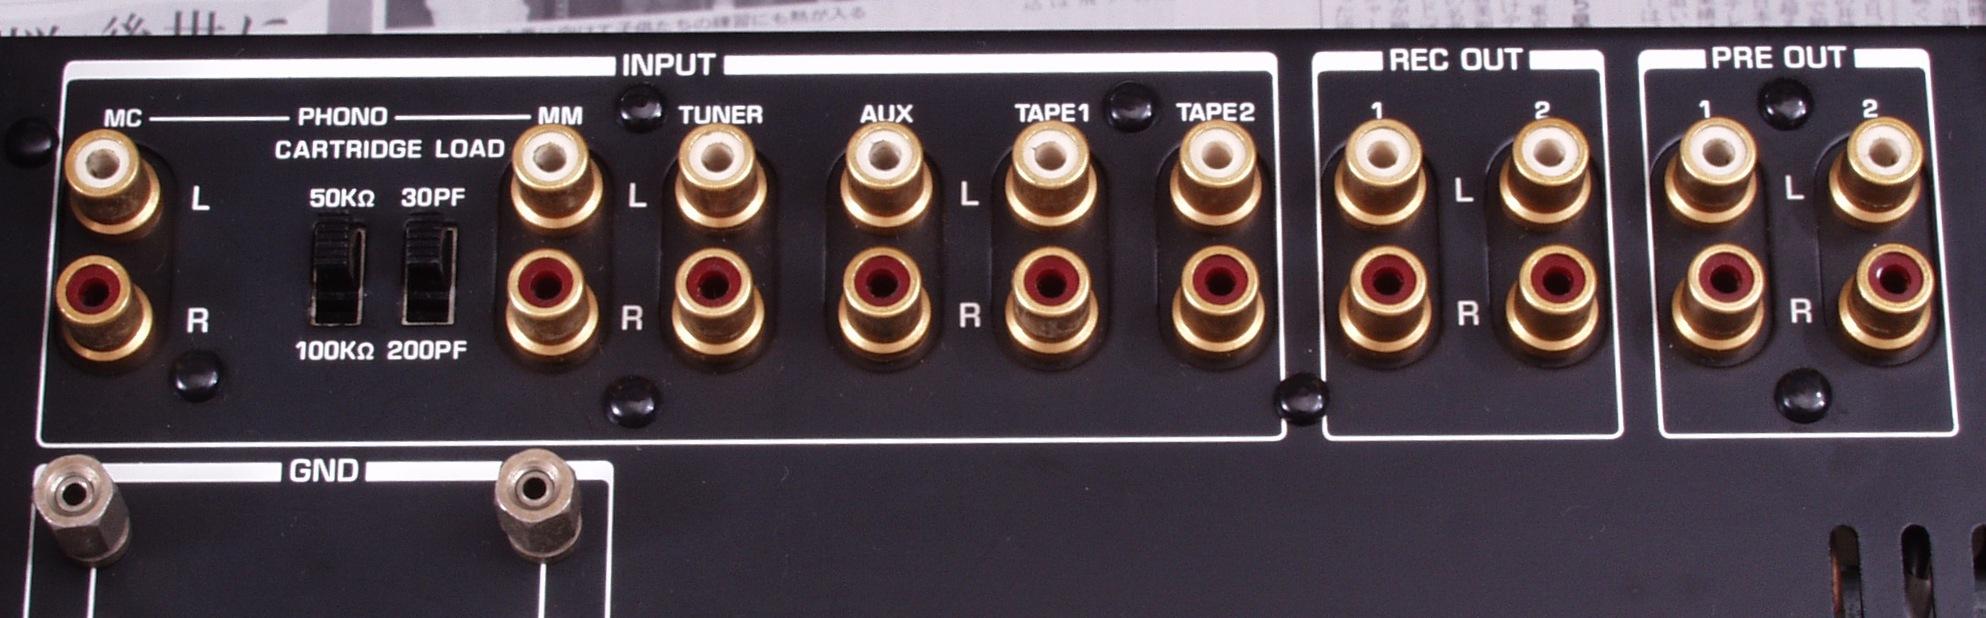 Armas de Arremesso Syr88-4